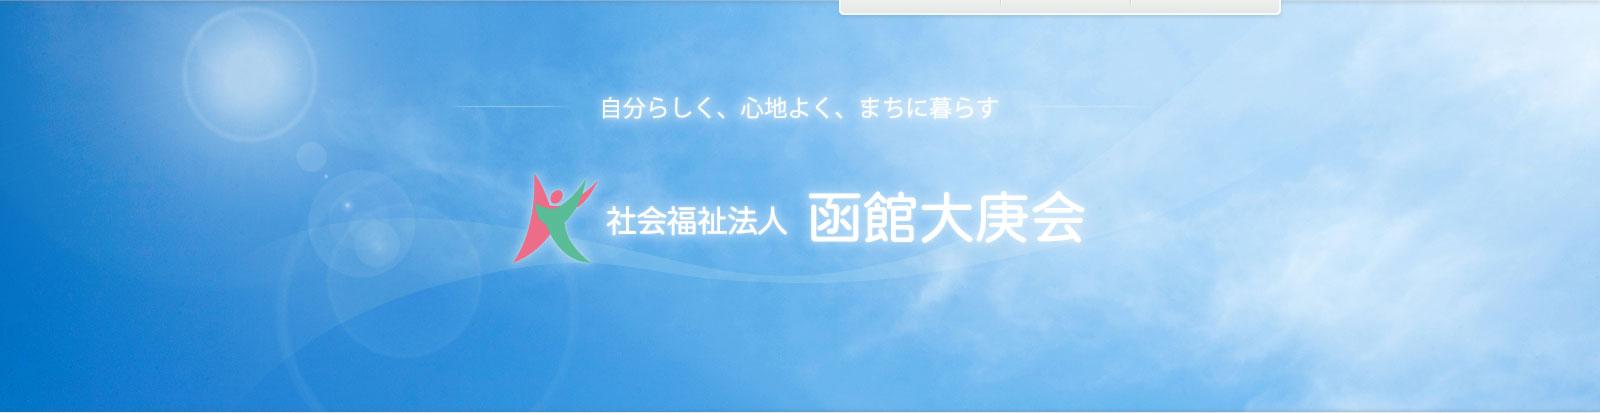 社会福祉法人 函館大庚会